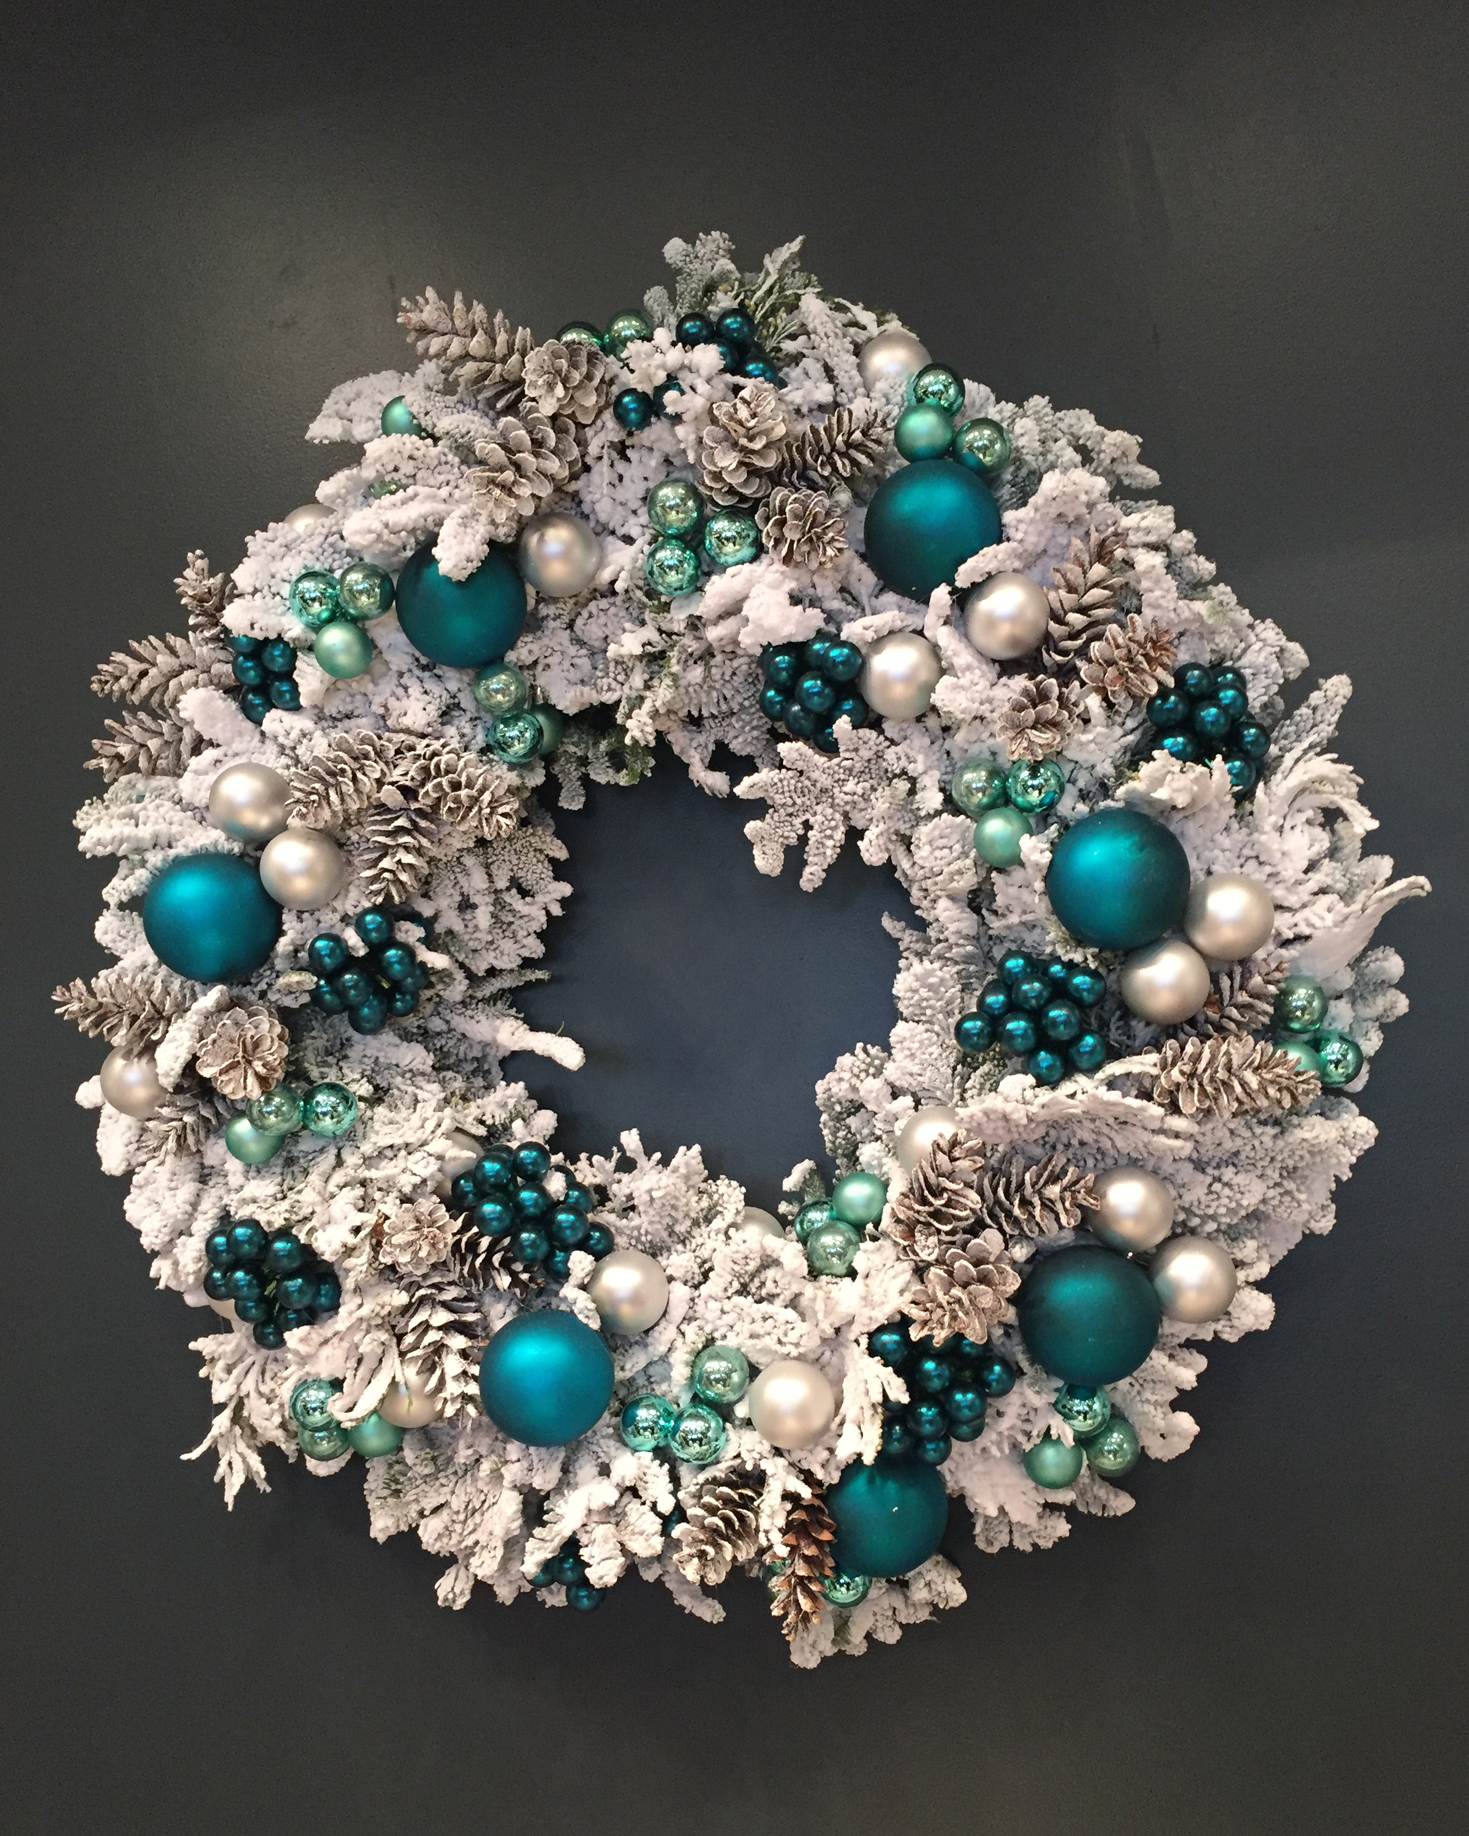 darcy-diary-tiffany-lunch-wreath-1215.jpg